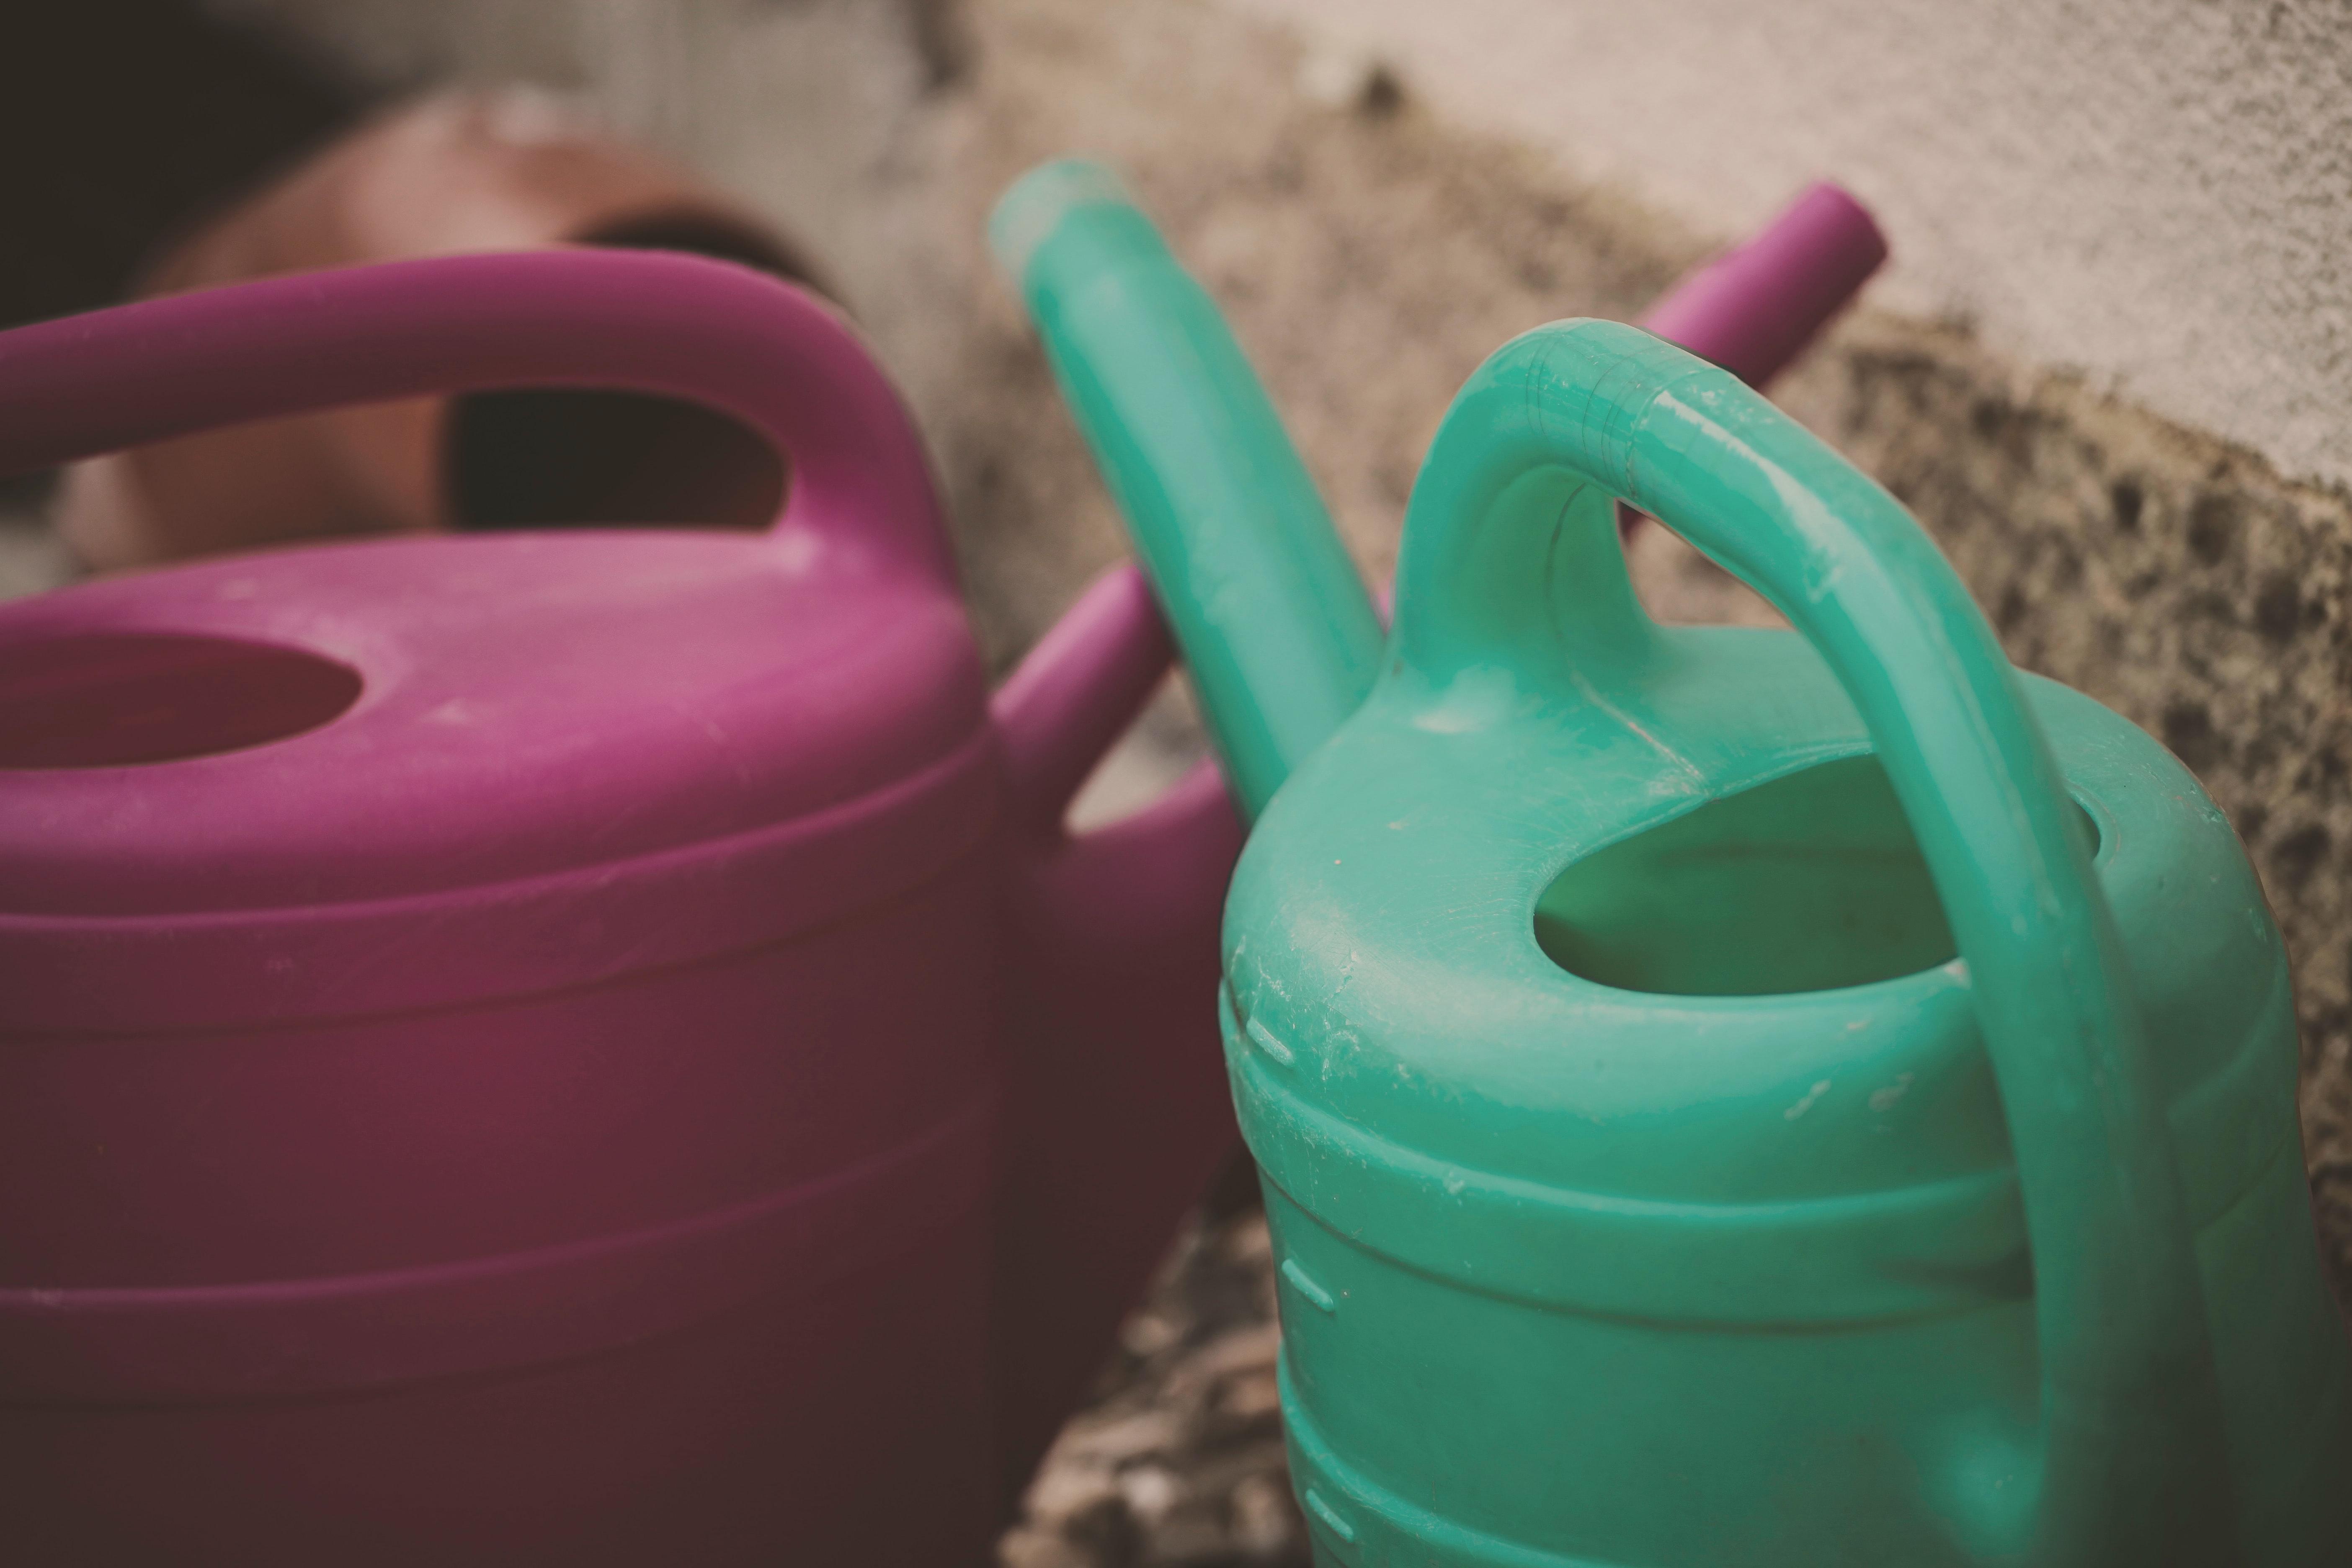 Samozavlažovací květináče - vše co potřebujete vědět